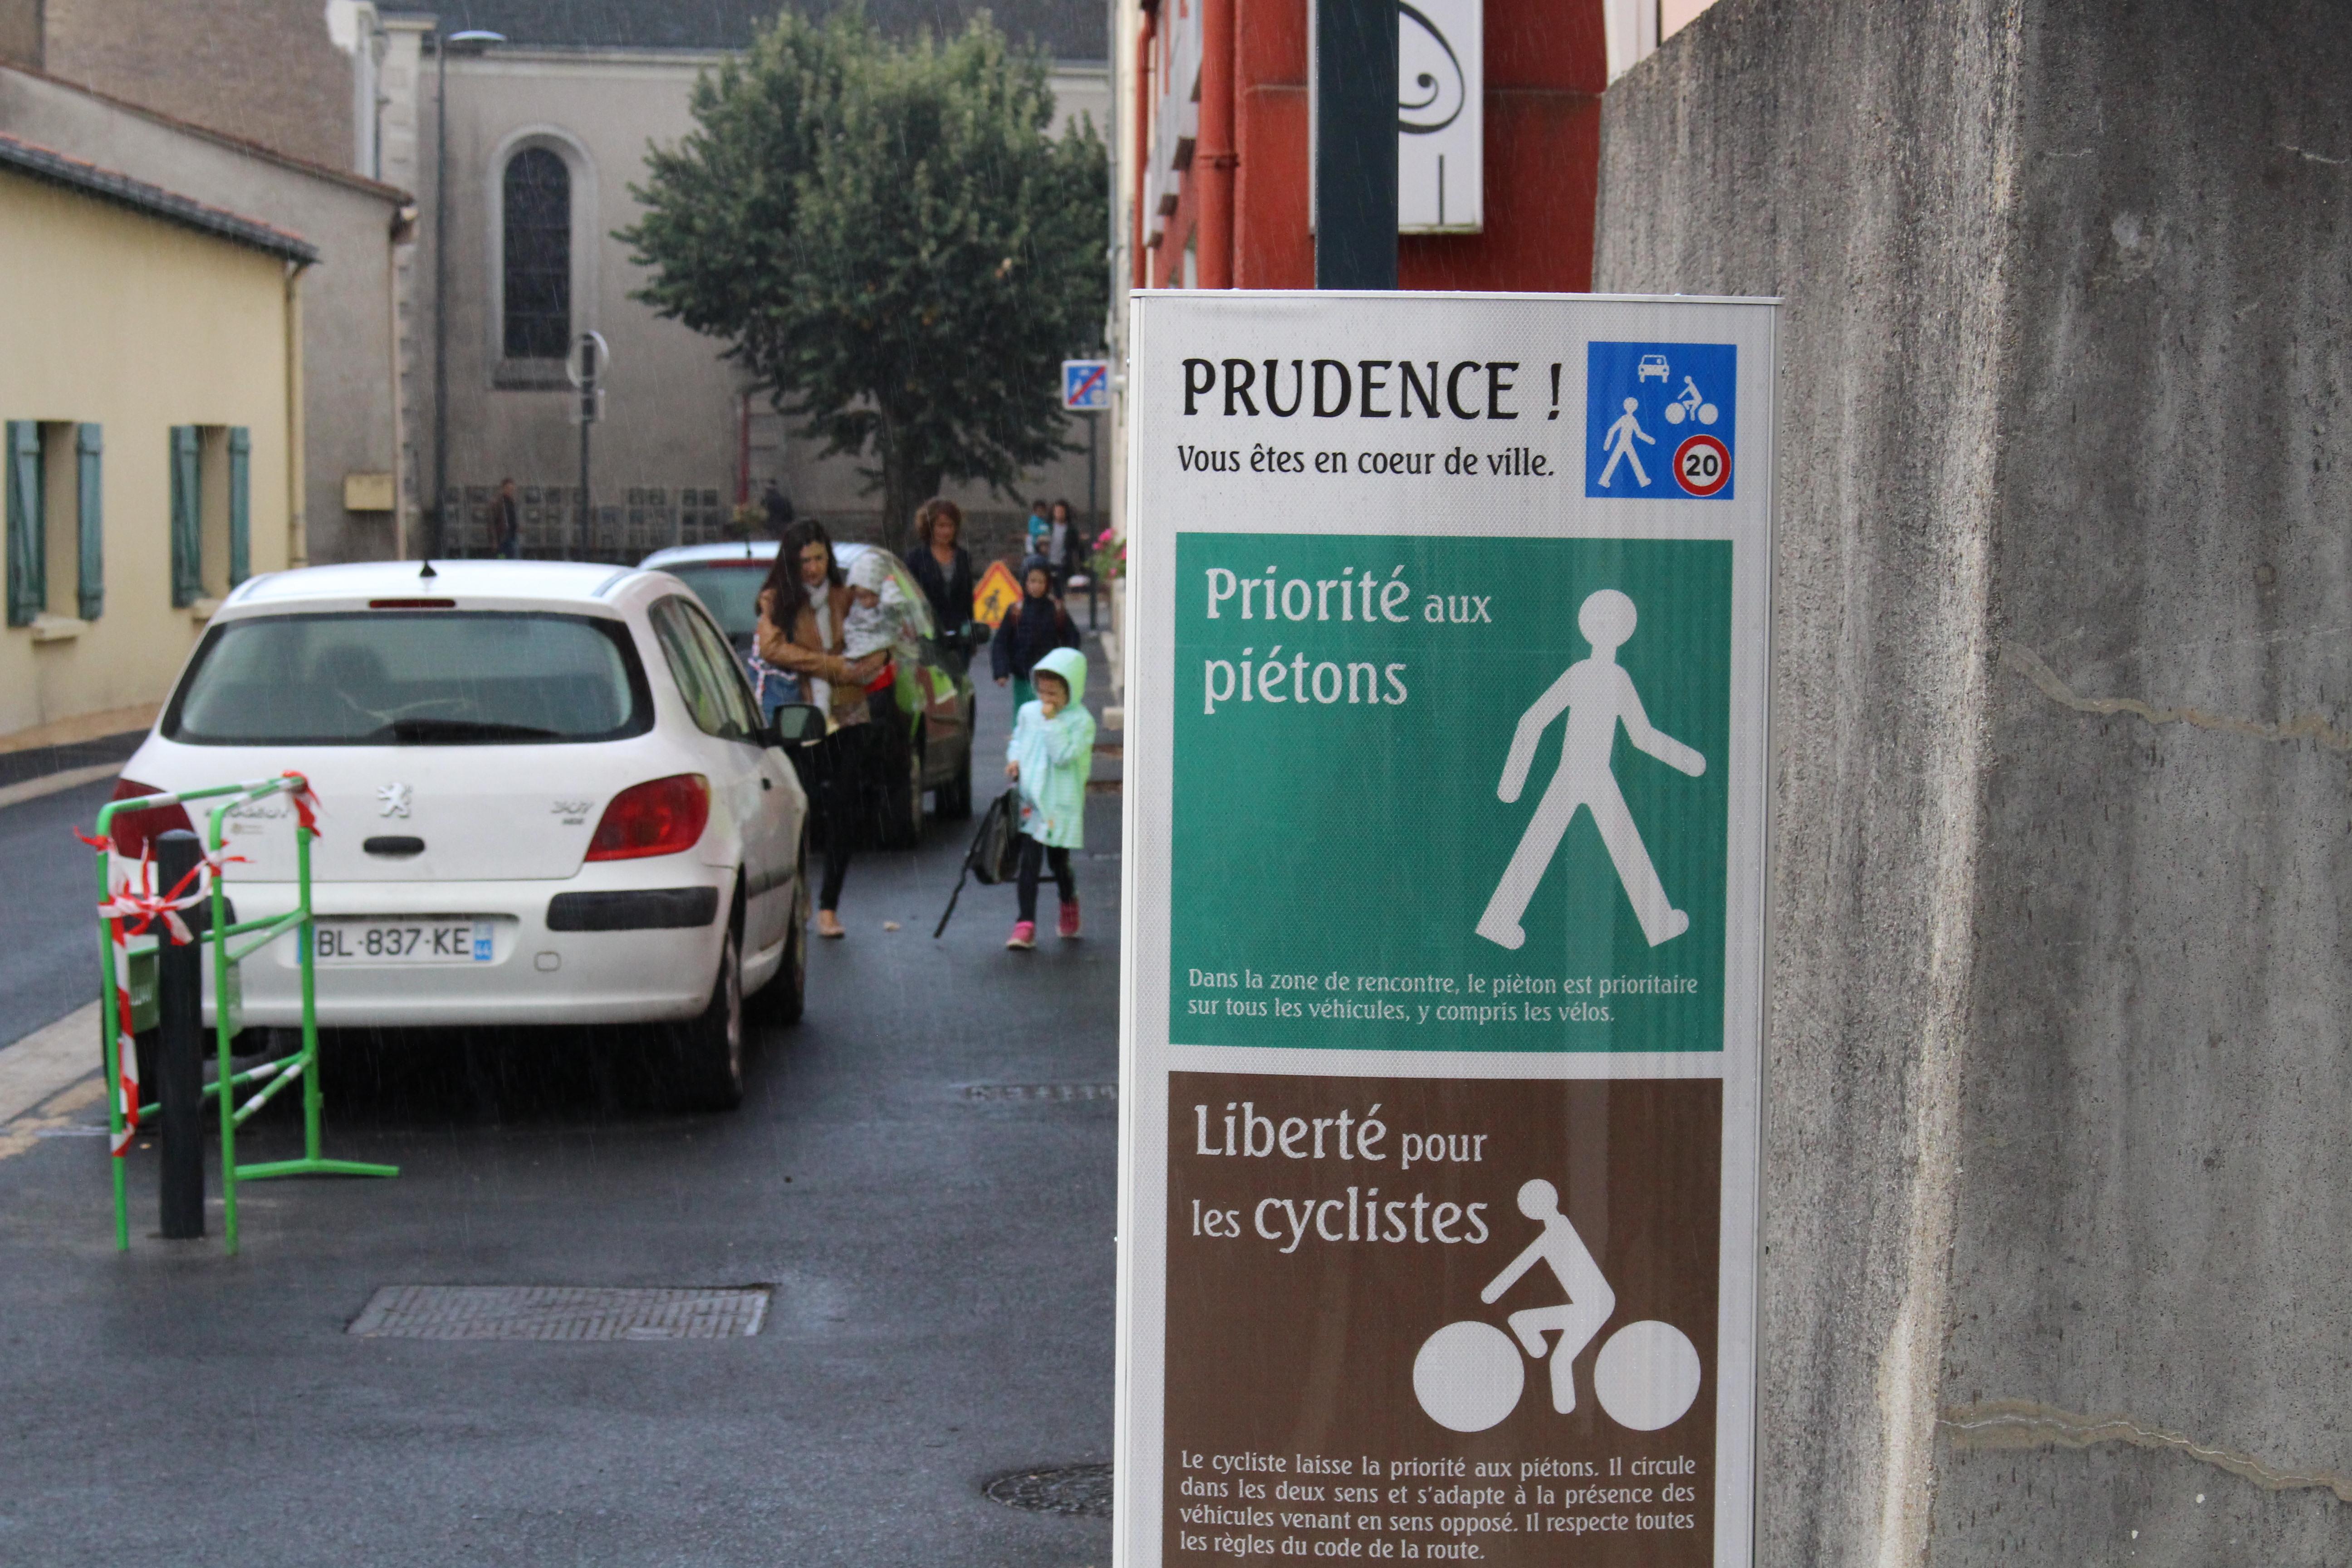 zone de rencontre cyclistes comment rencontrer l homme idéal